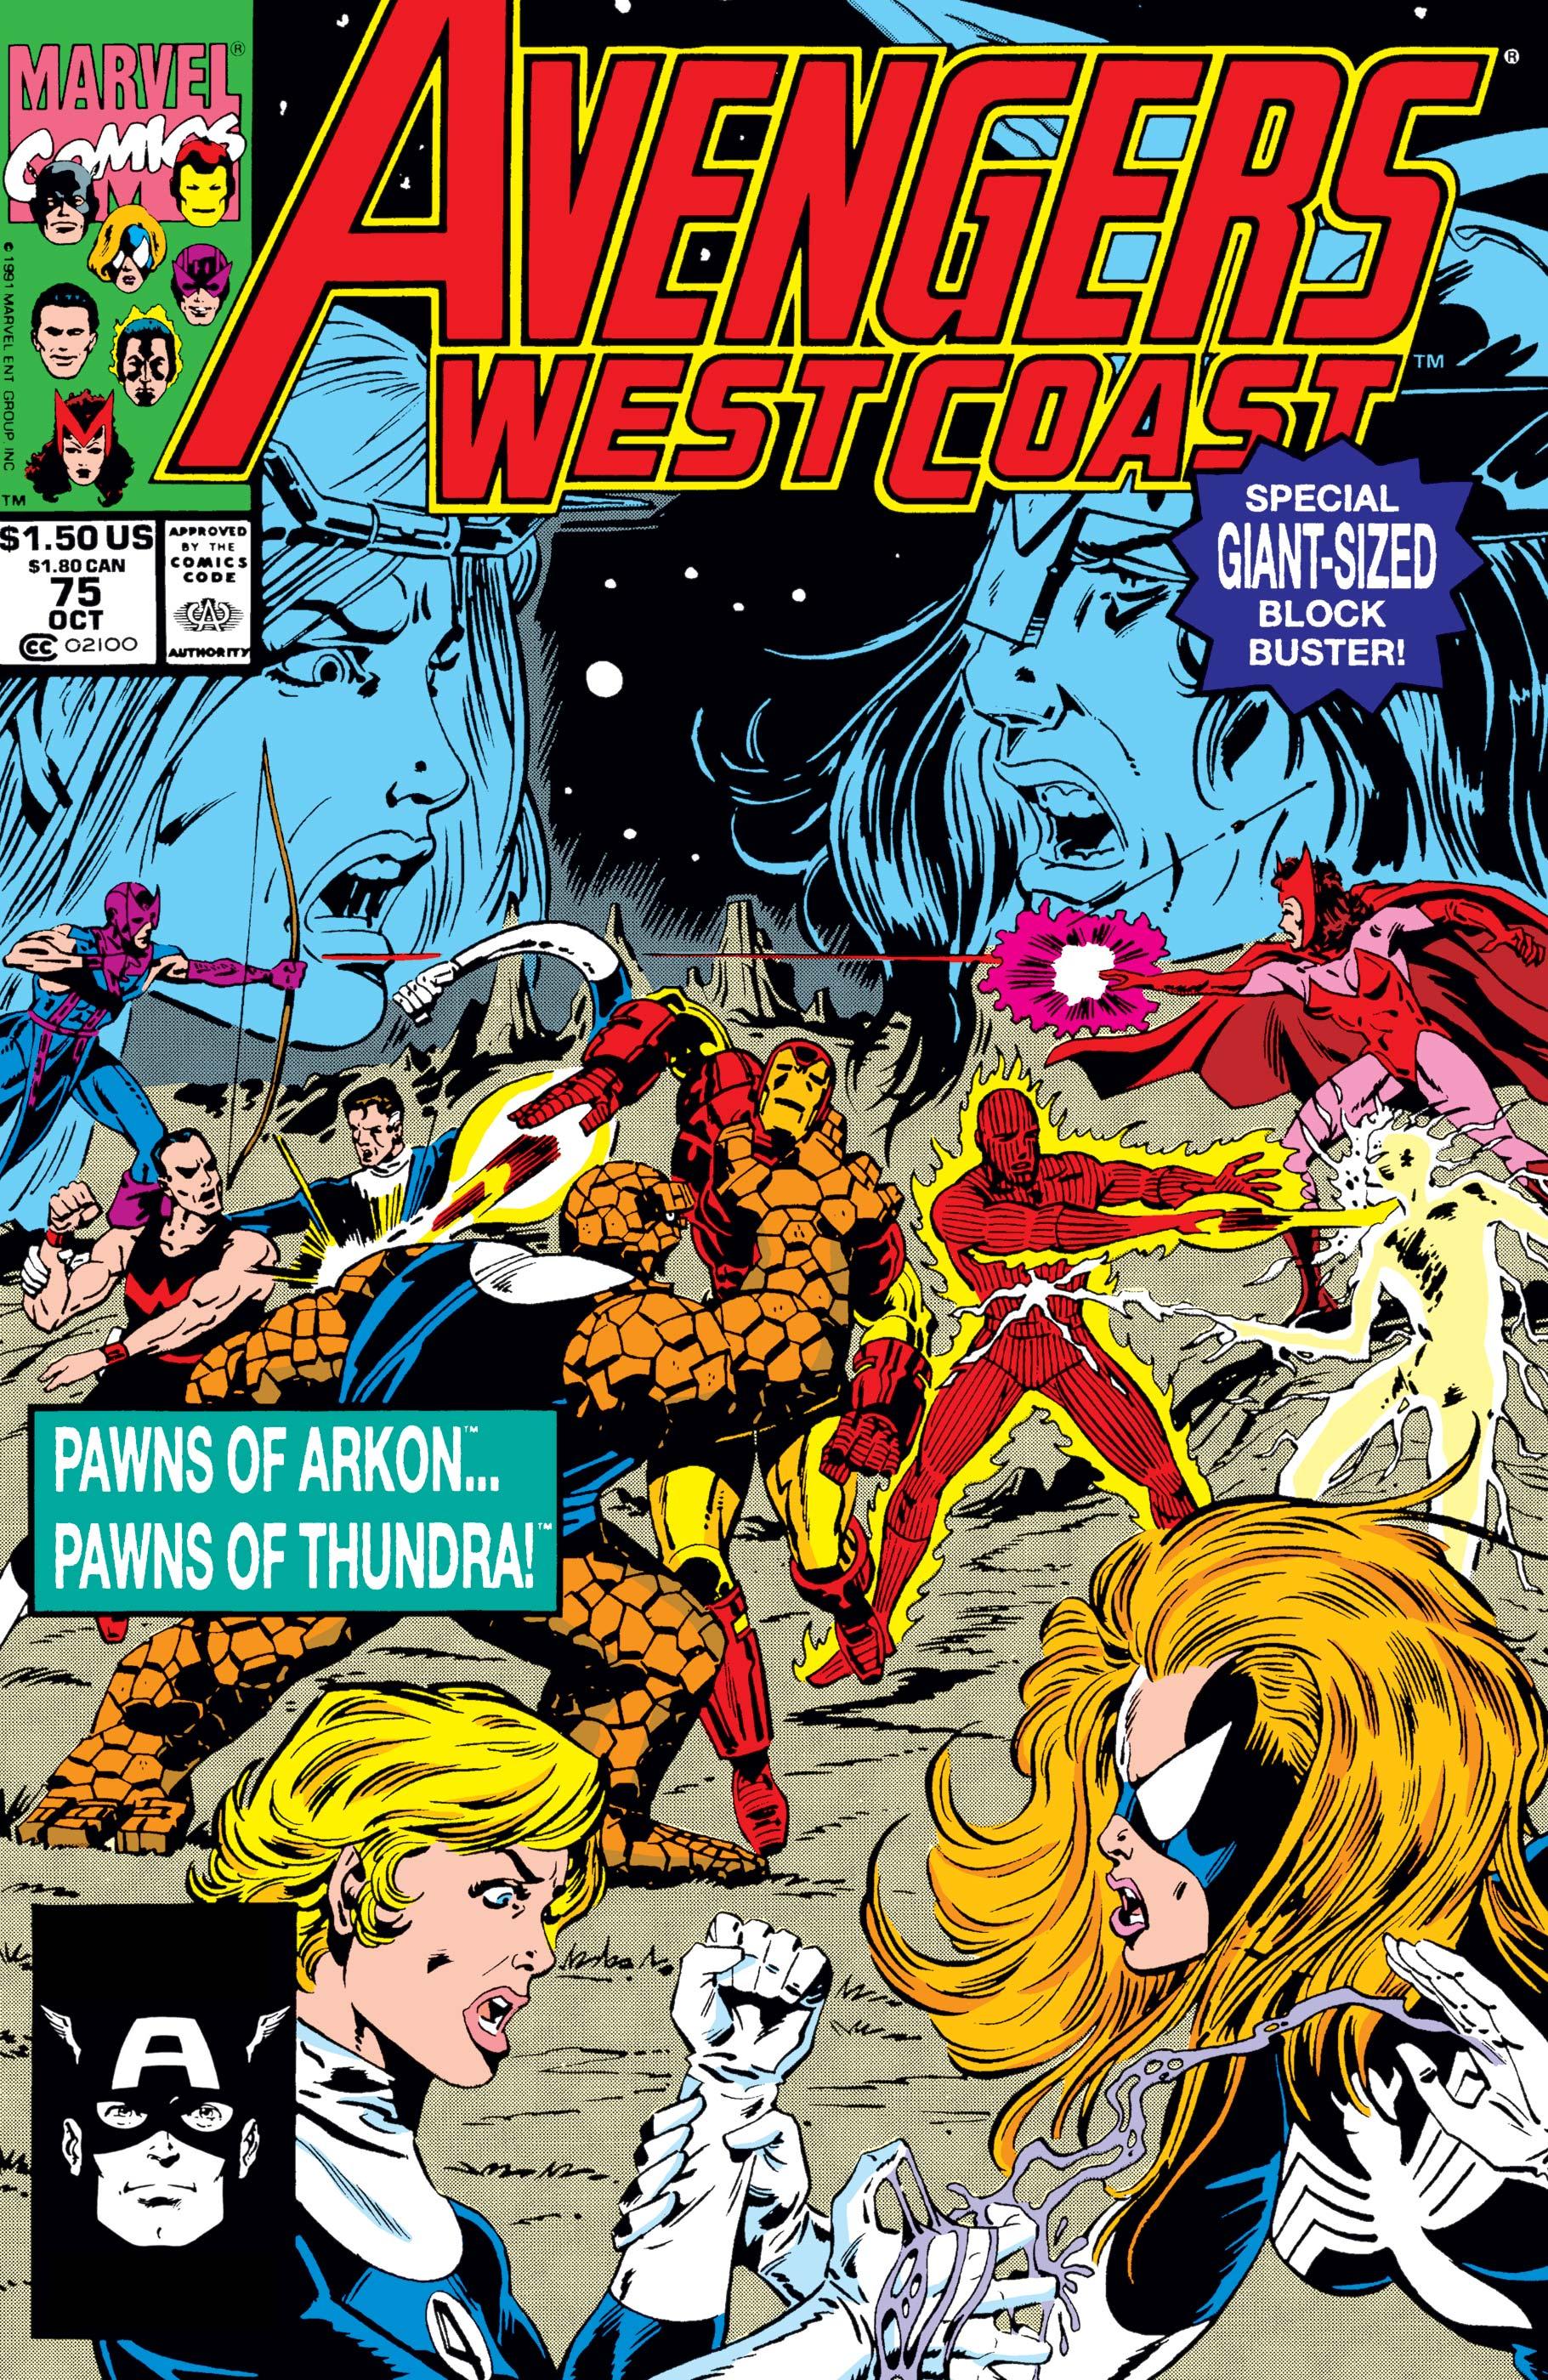 West Coast Avengers (1985) #75